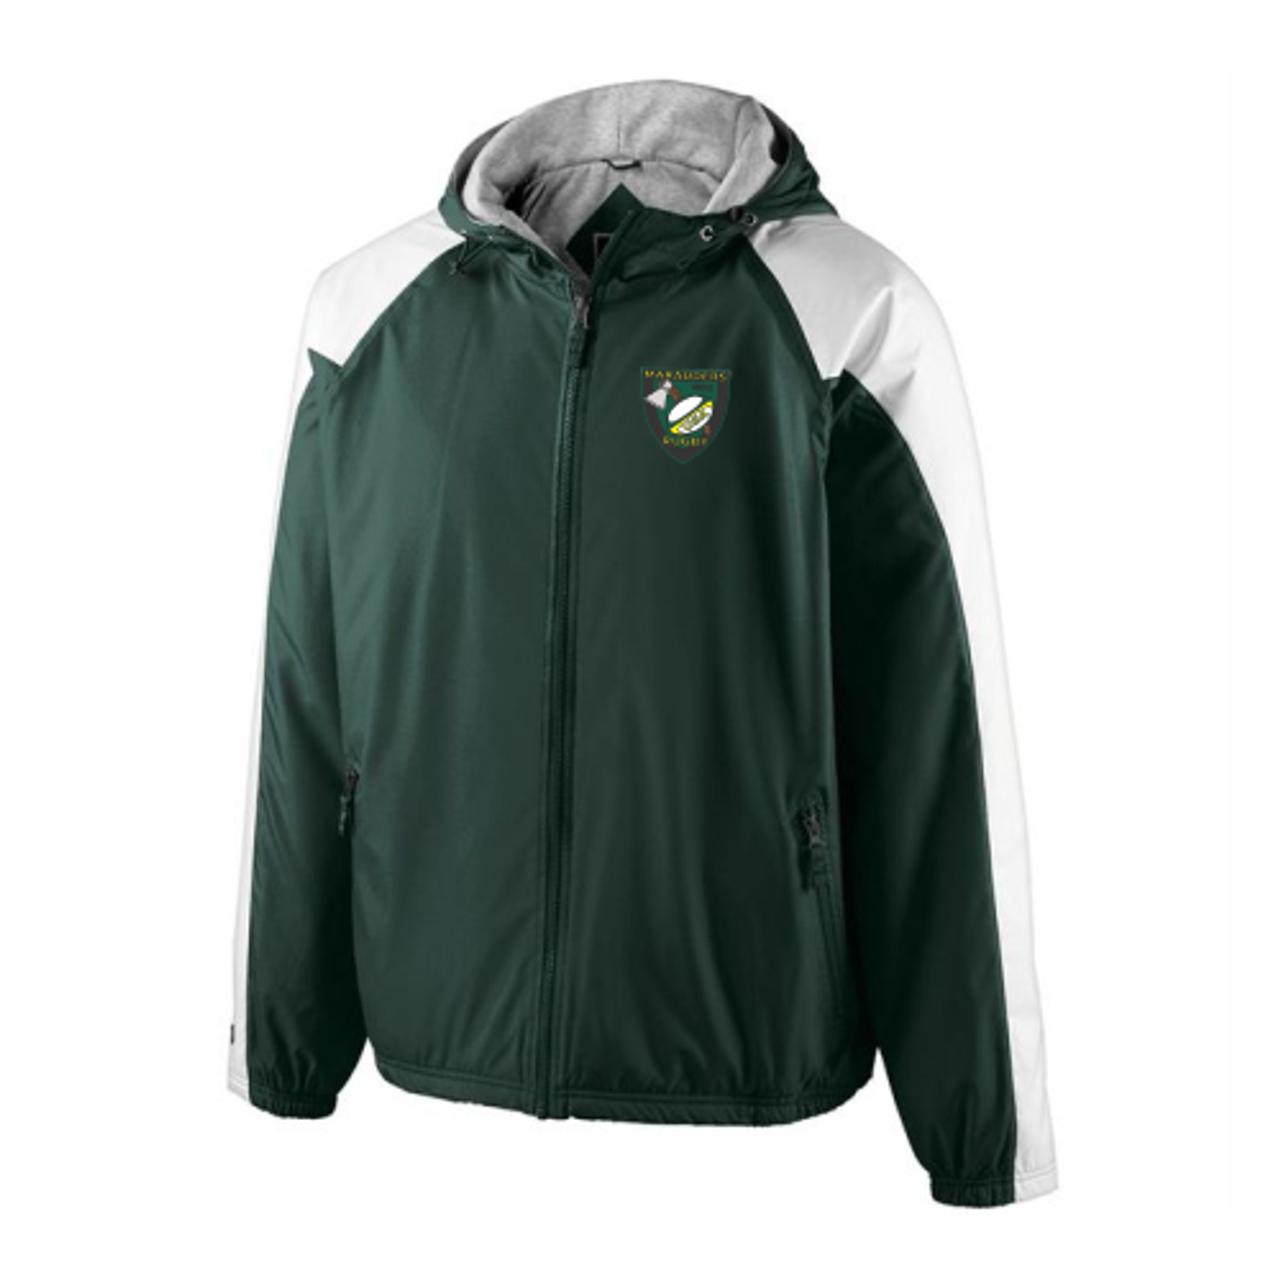 West Carroll Full-Zip Hooded Jacket